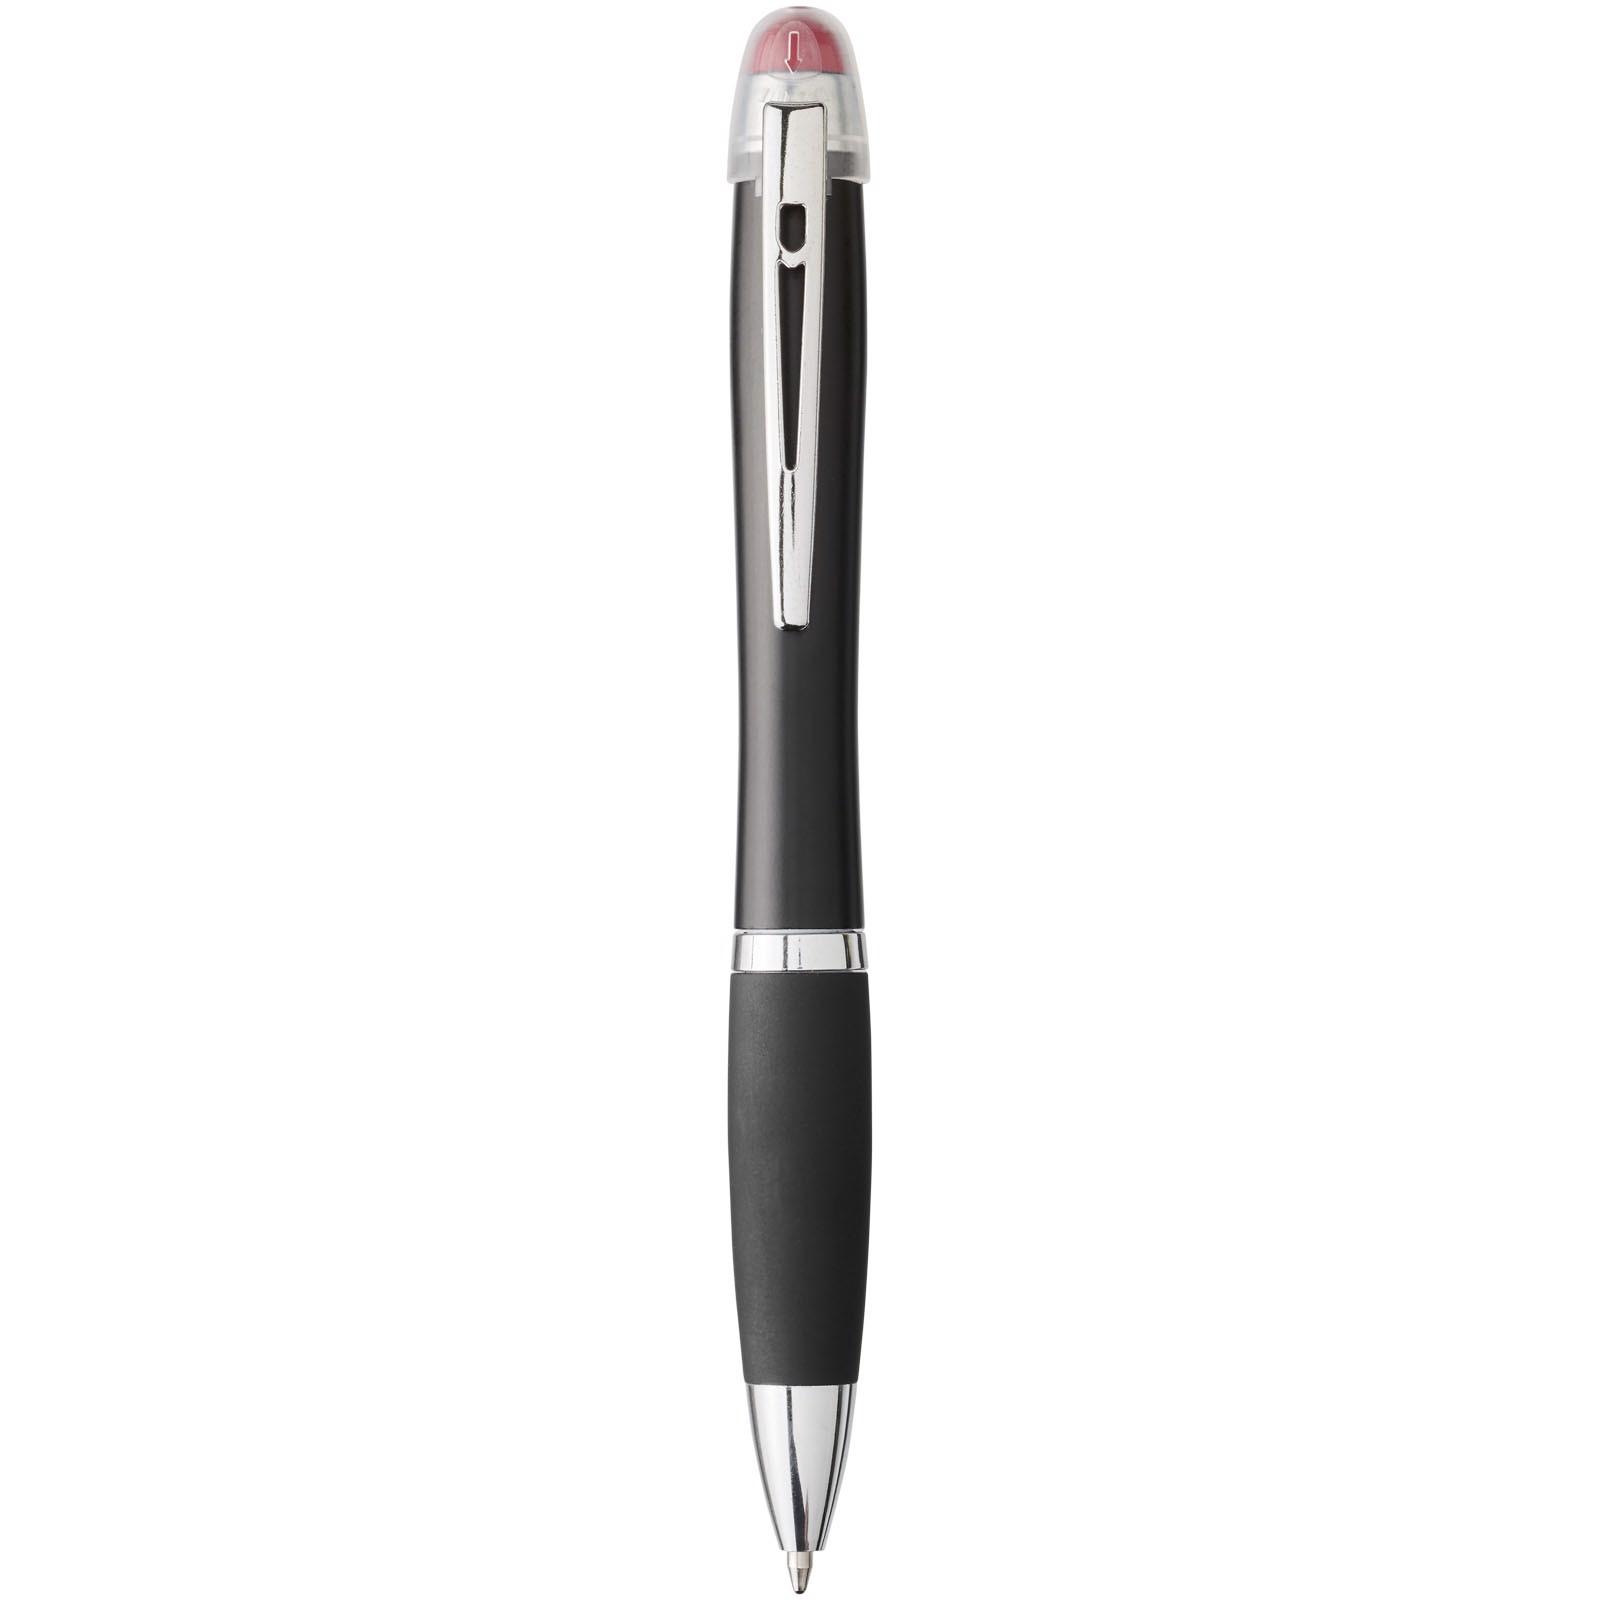 Nash svíticí kuličkové pero s černým tělem a úchopem - Červená s efektem námrazy